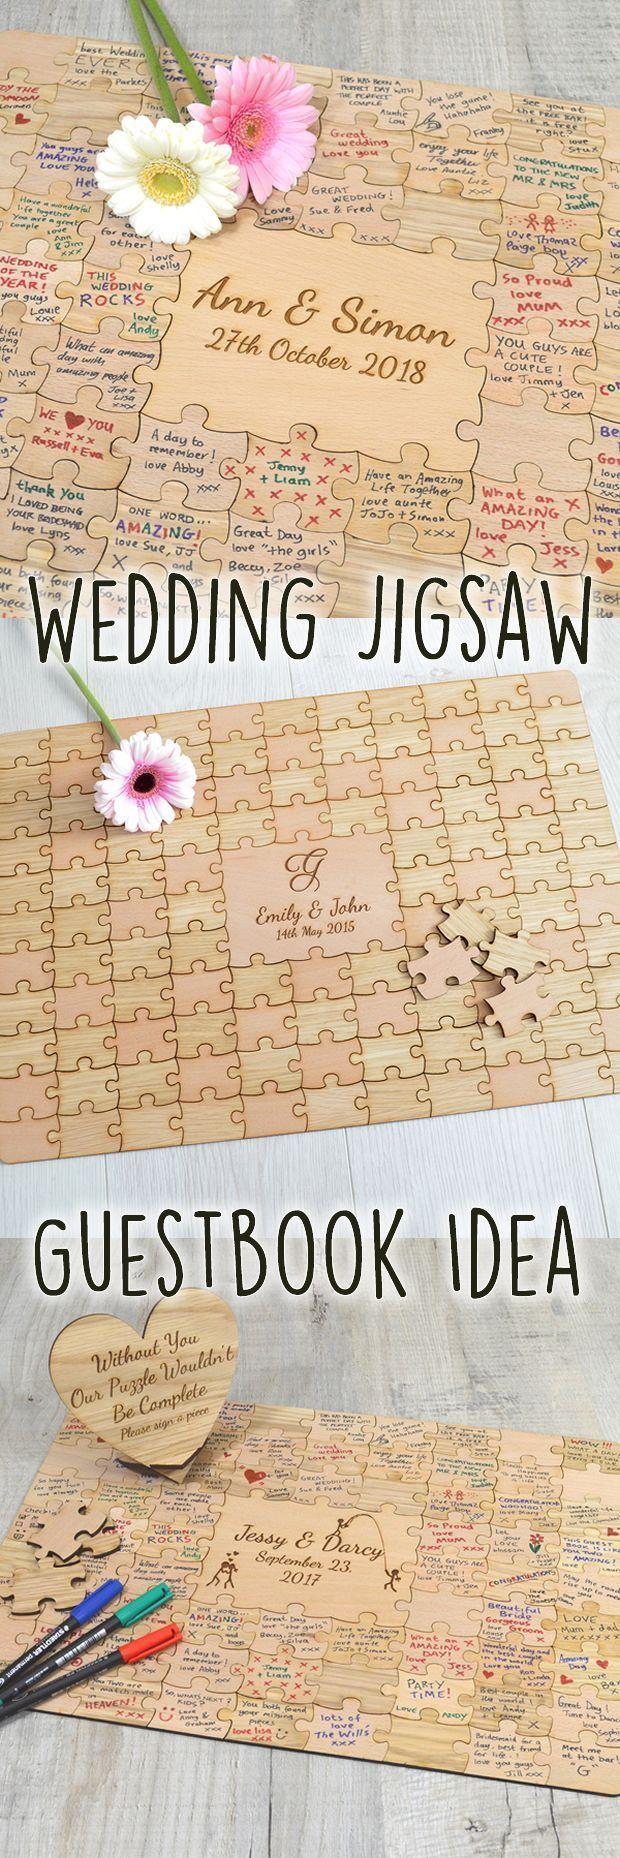 Wir stellen Ihnen unser wunderschönes Hochzeitspuzzle-Gästebuch vor. Ganzes zu…